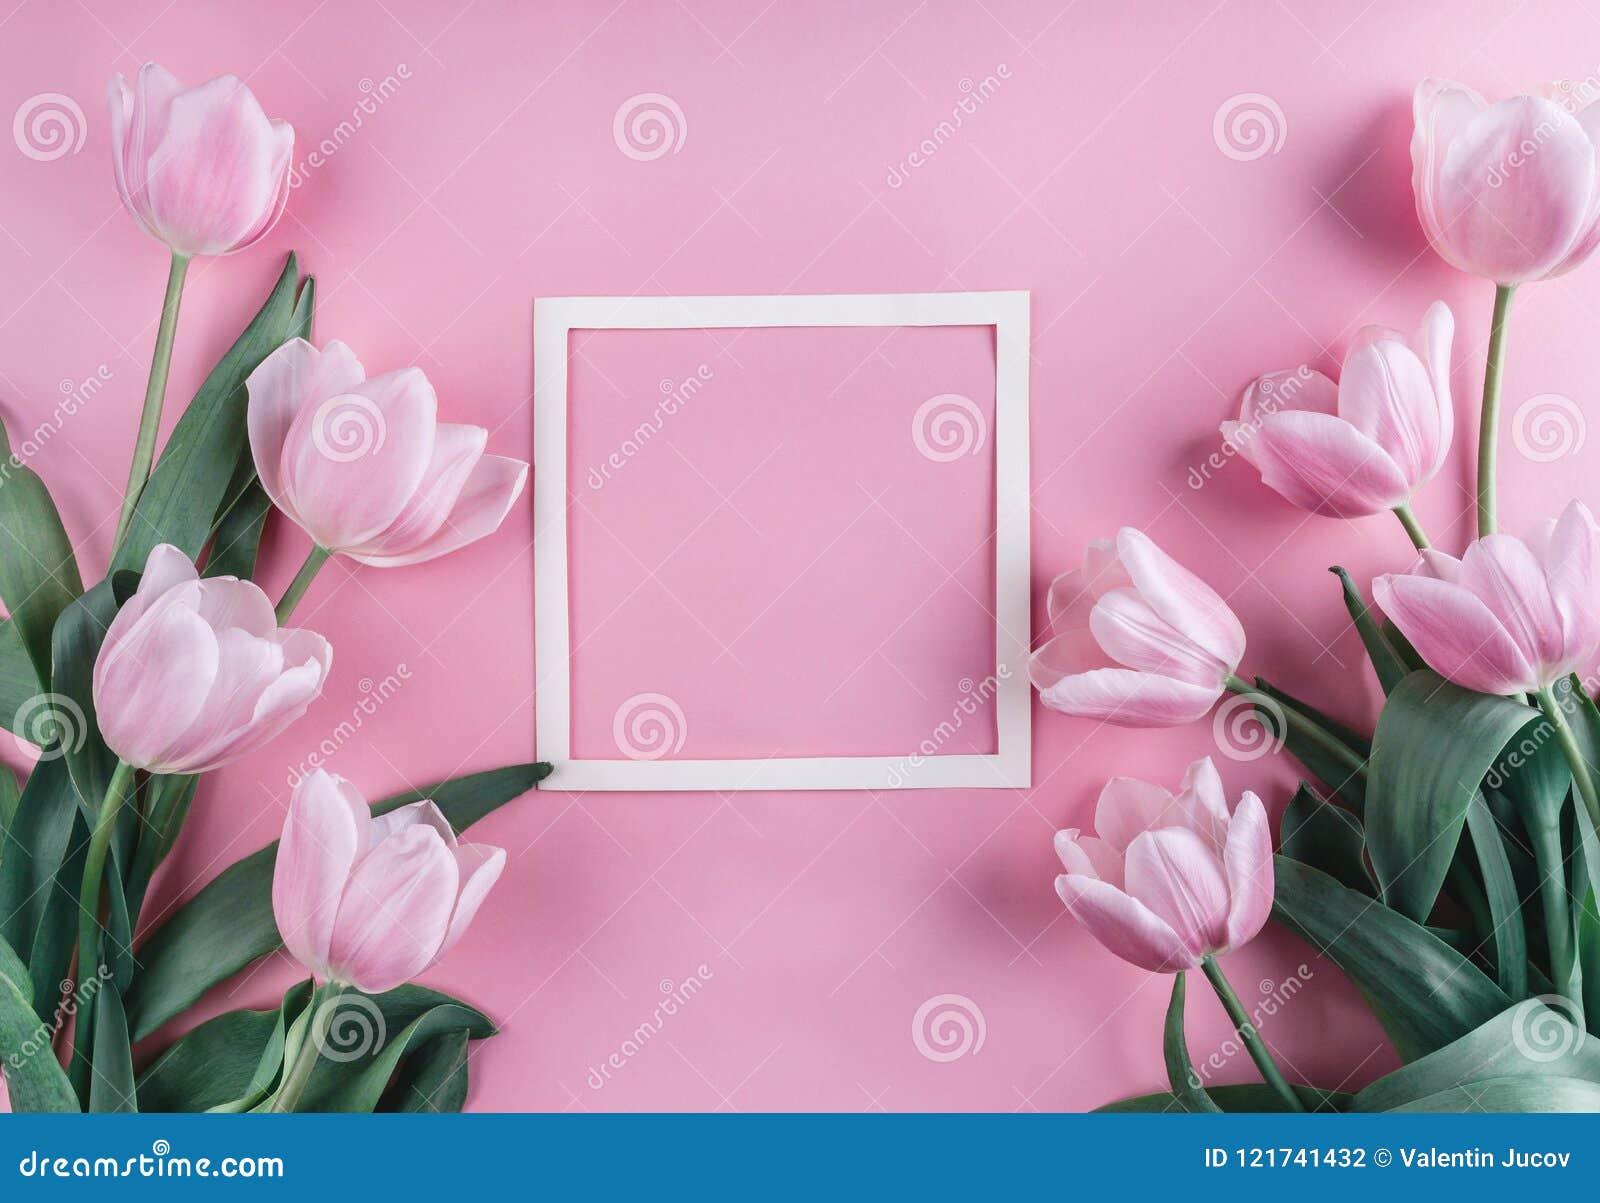 桃红色郁金香花和纸片在浅粉红色的背景的 圣徒情人节框架或背景